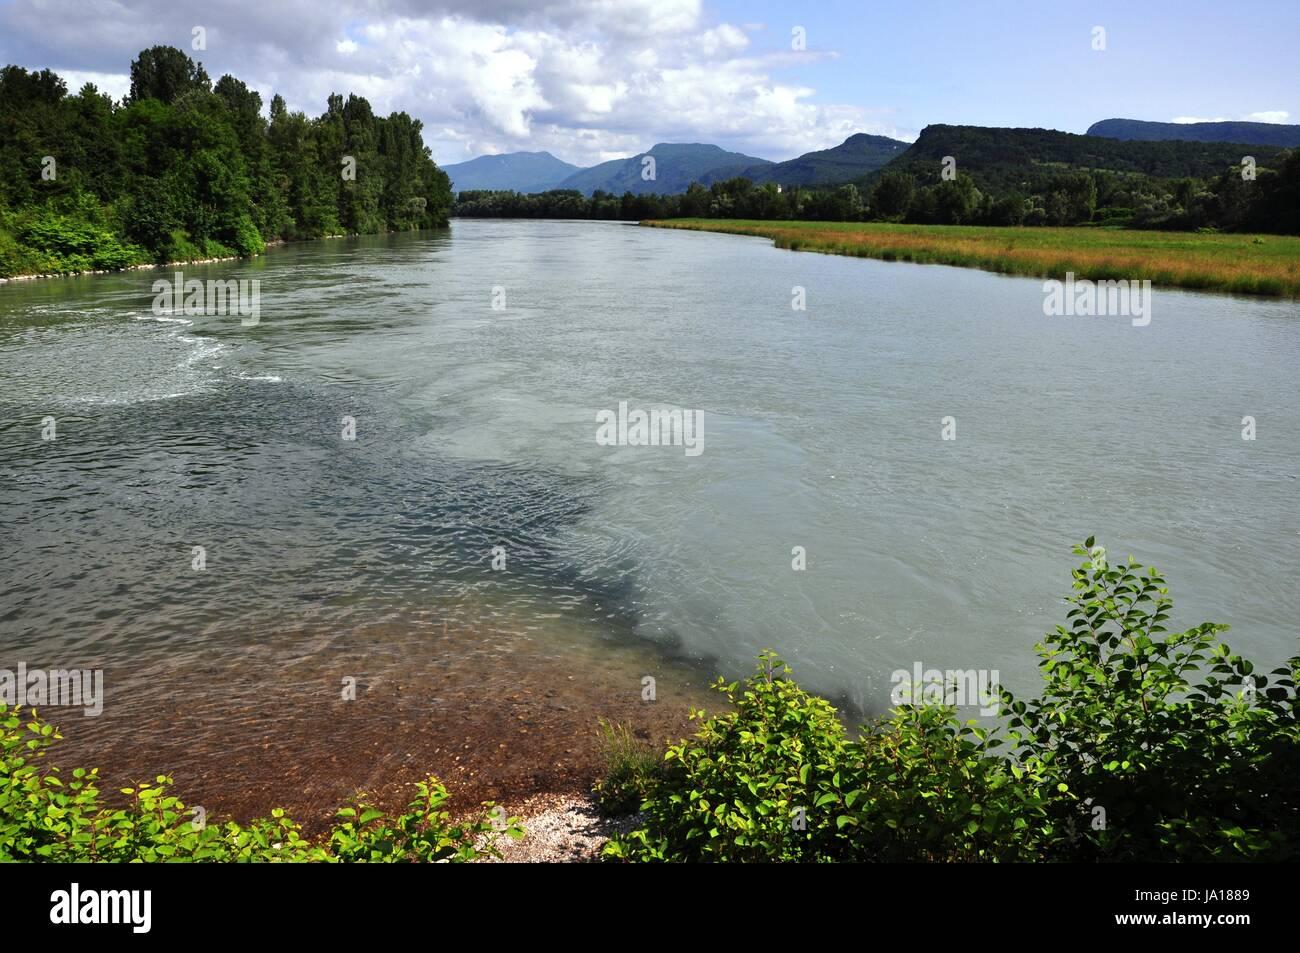 La bouche, le courant de la rivière, banque, port, bleu, vert, pont, buissons, localisation Banque D'Images